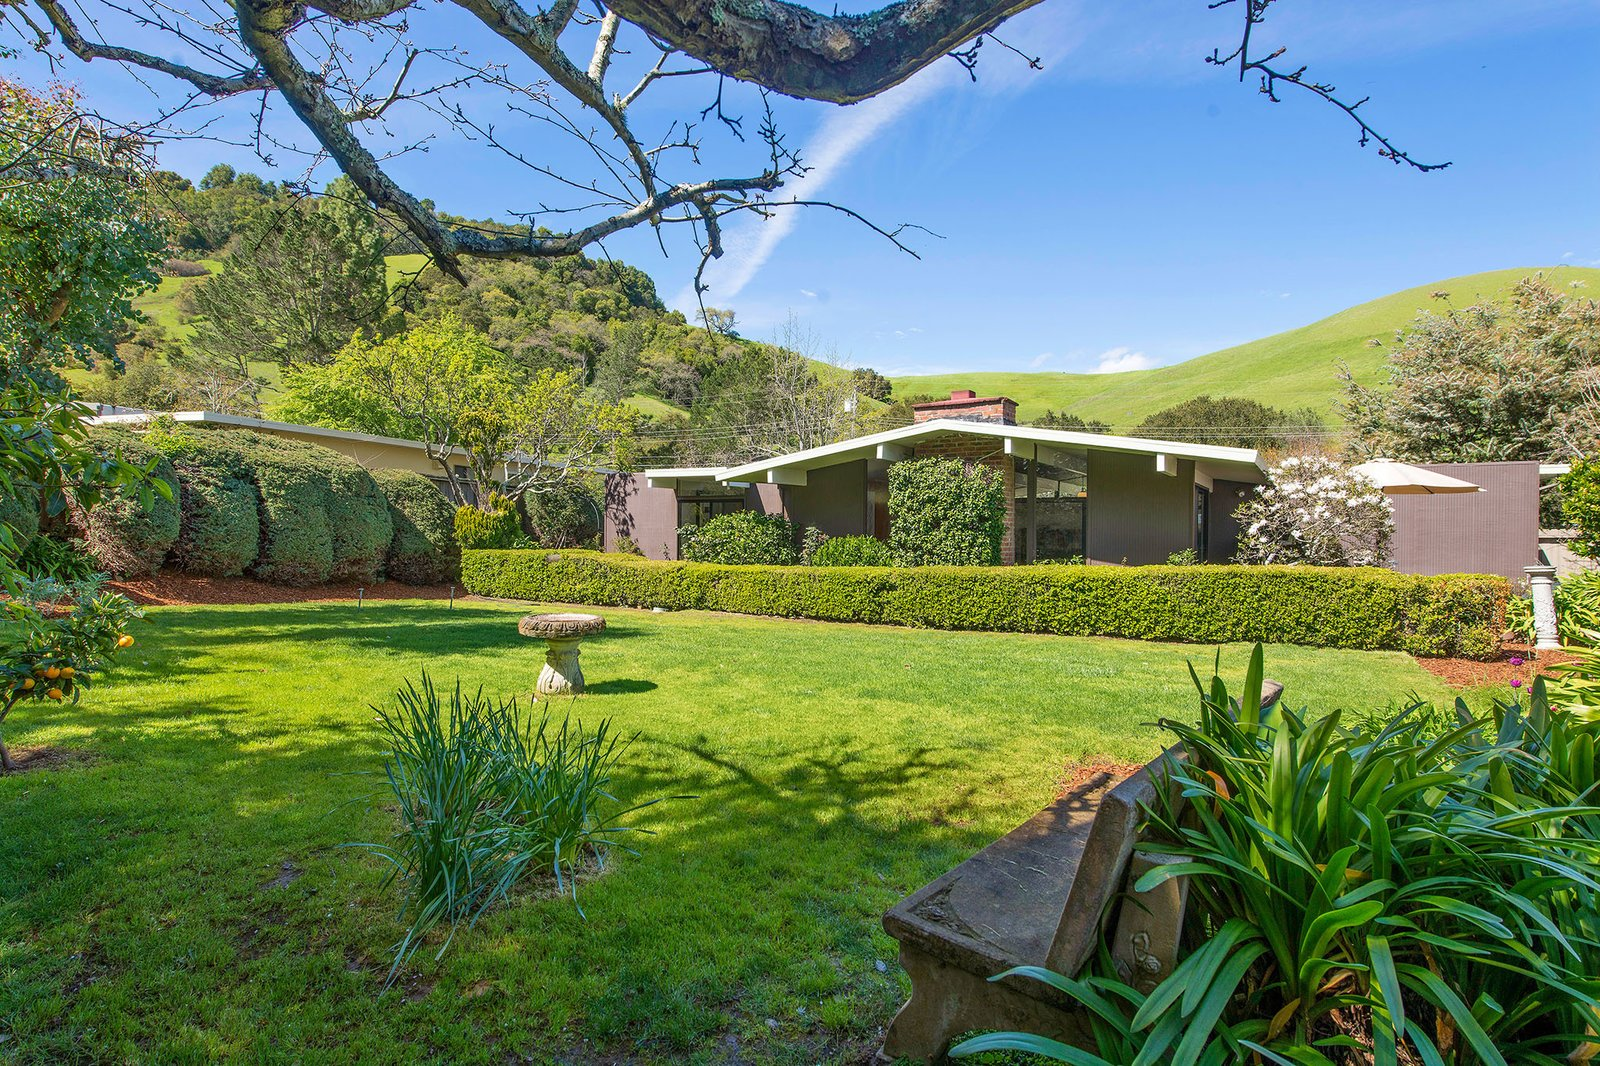 San Rafael Eichler Home backyard